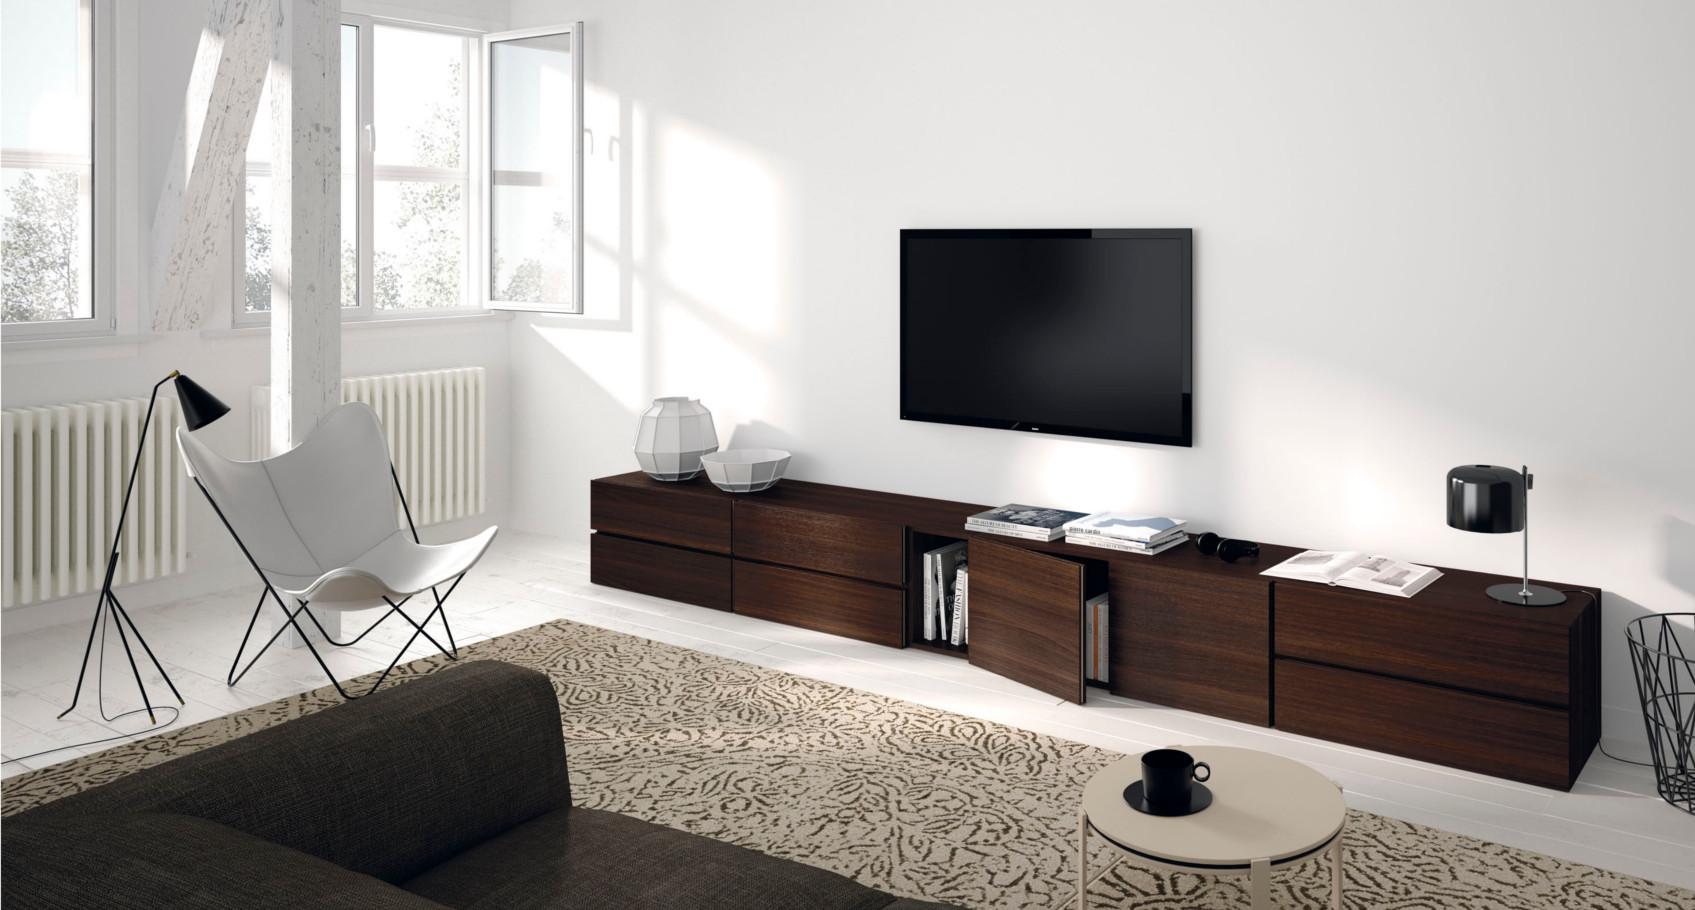 Nueva Colecci N Lunch Vive Muebles De Estilo N Rdico  # Muebles Suspendidos Para Tv